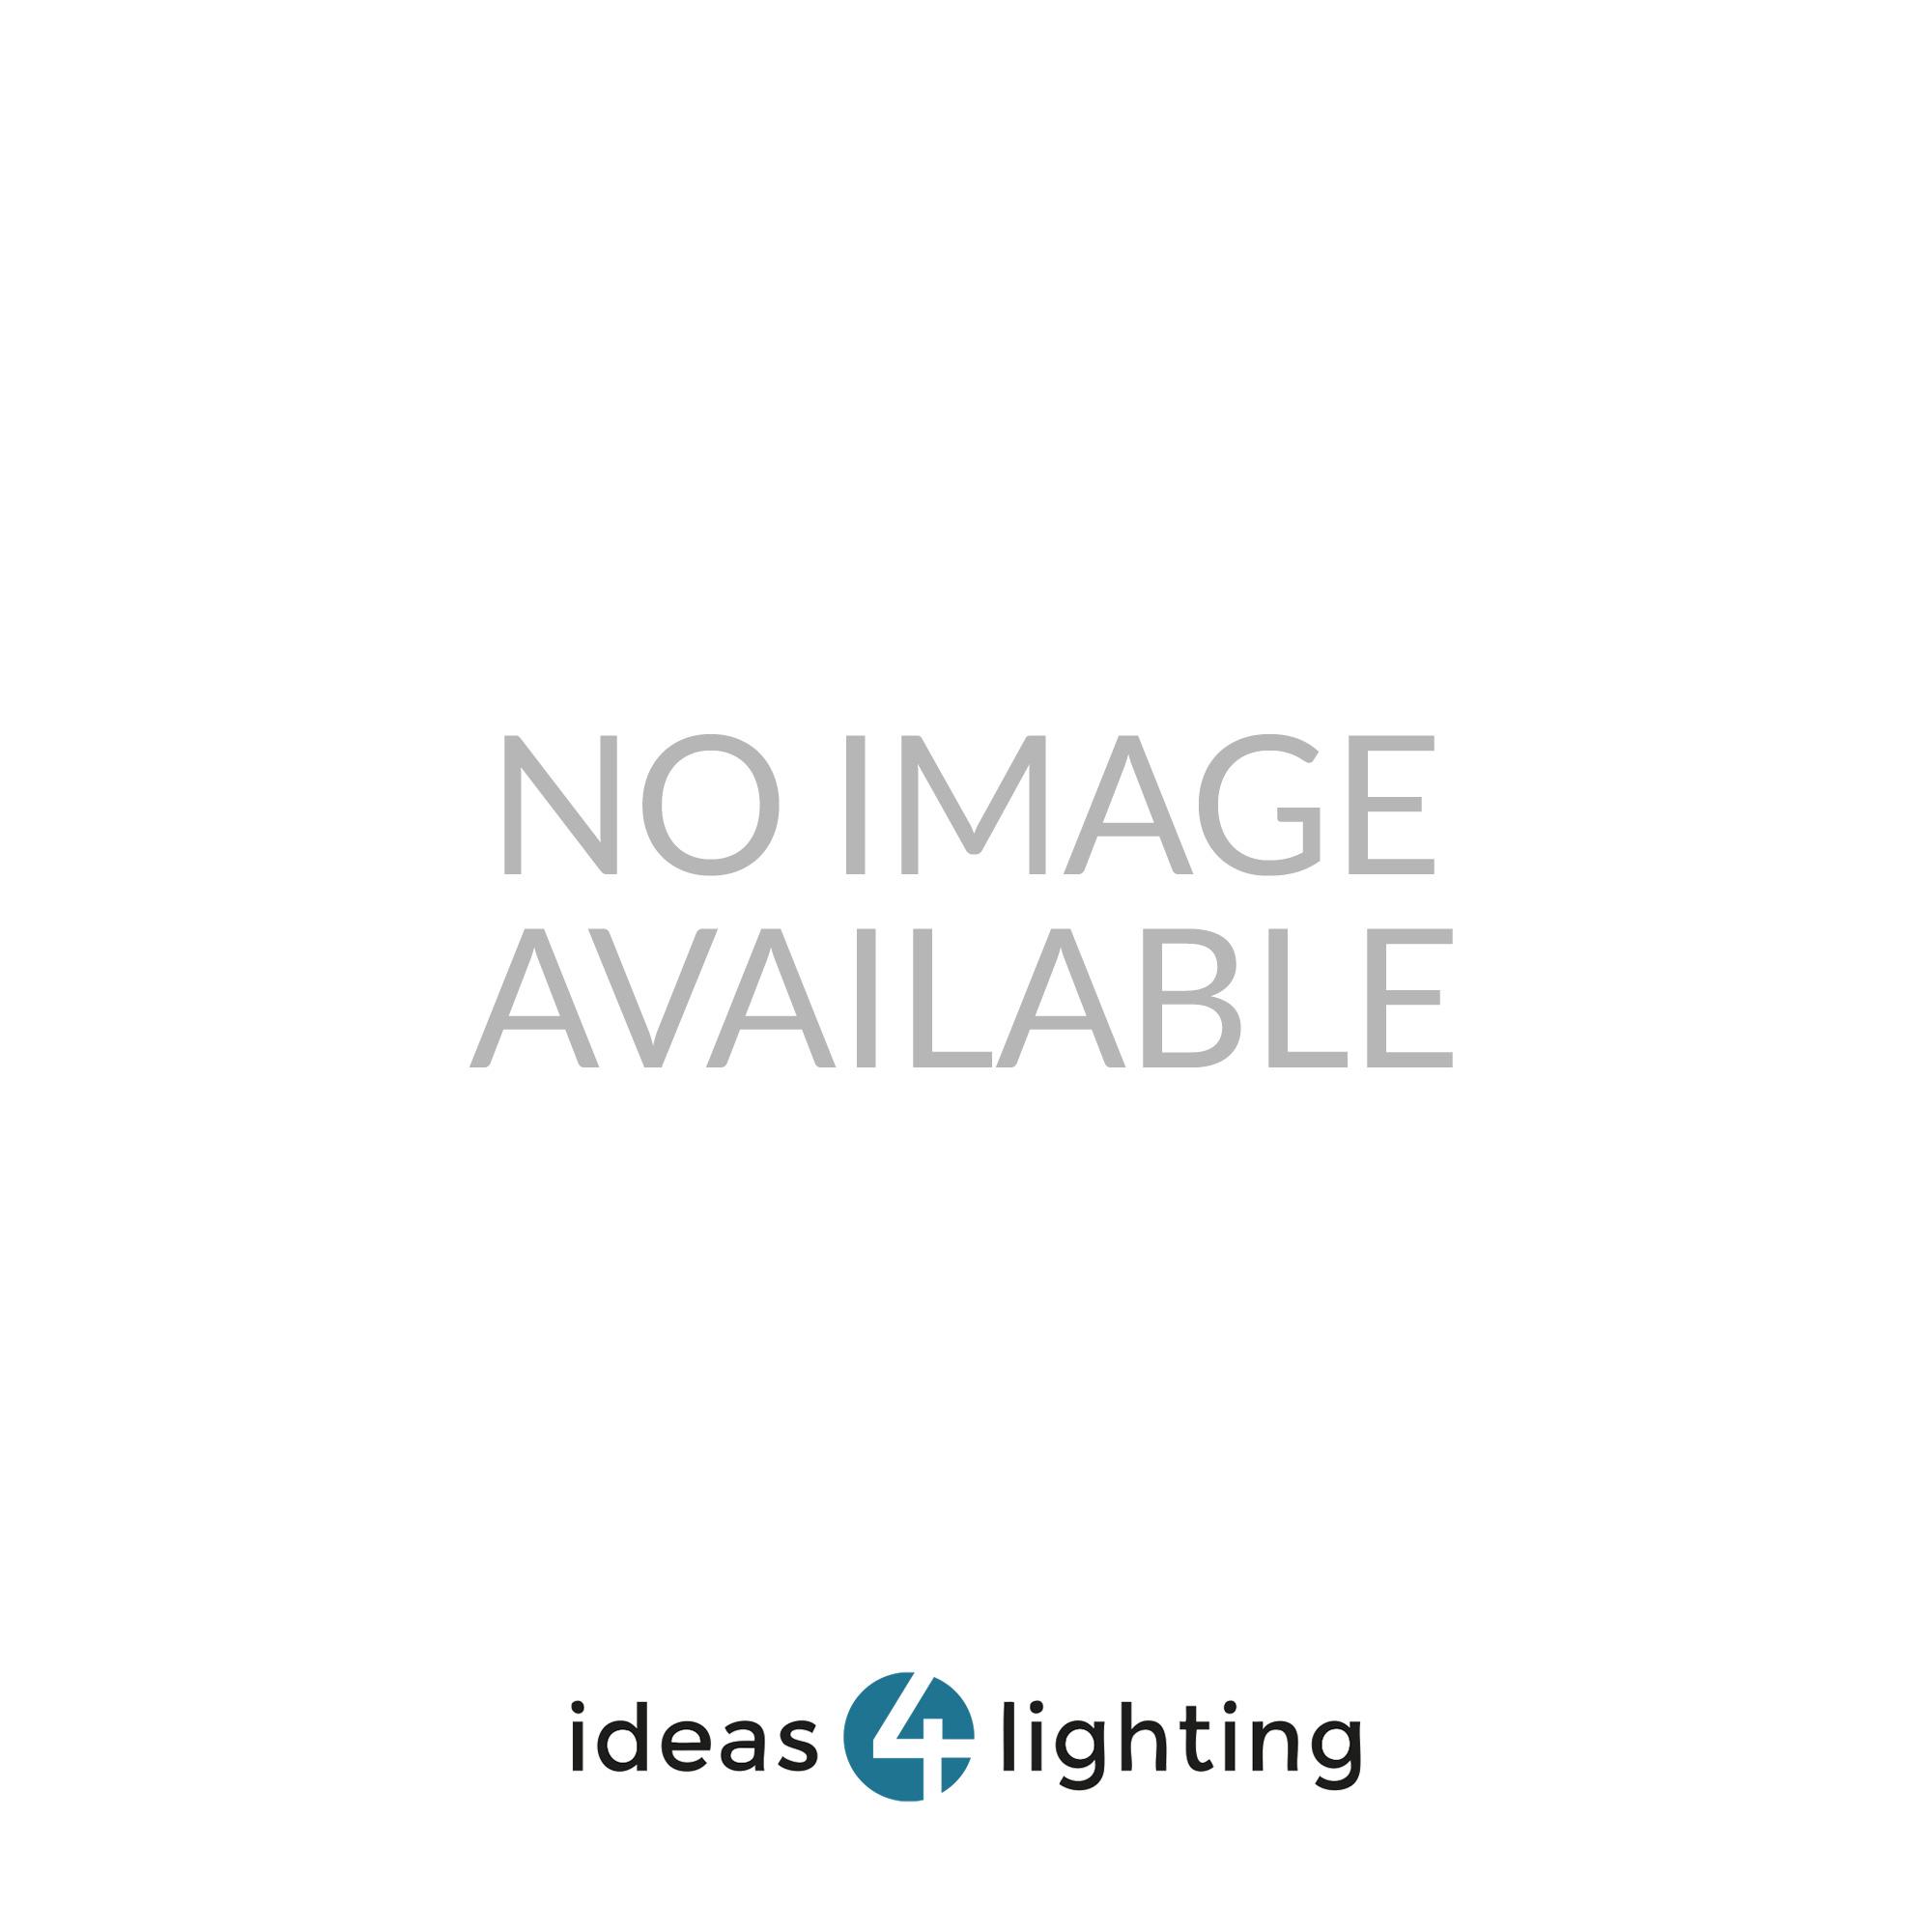 Fibre Optic Ceiling Star Led Light Lers Kit